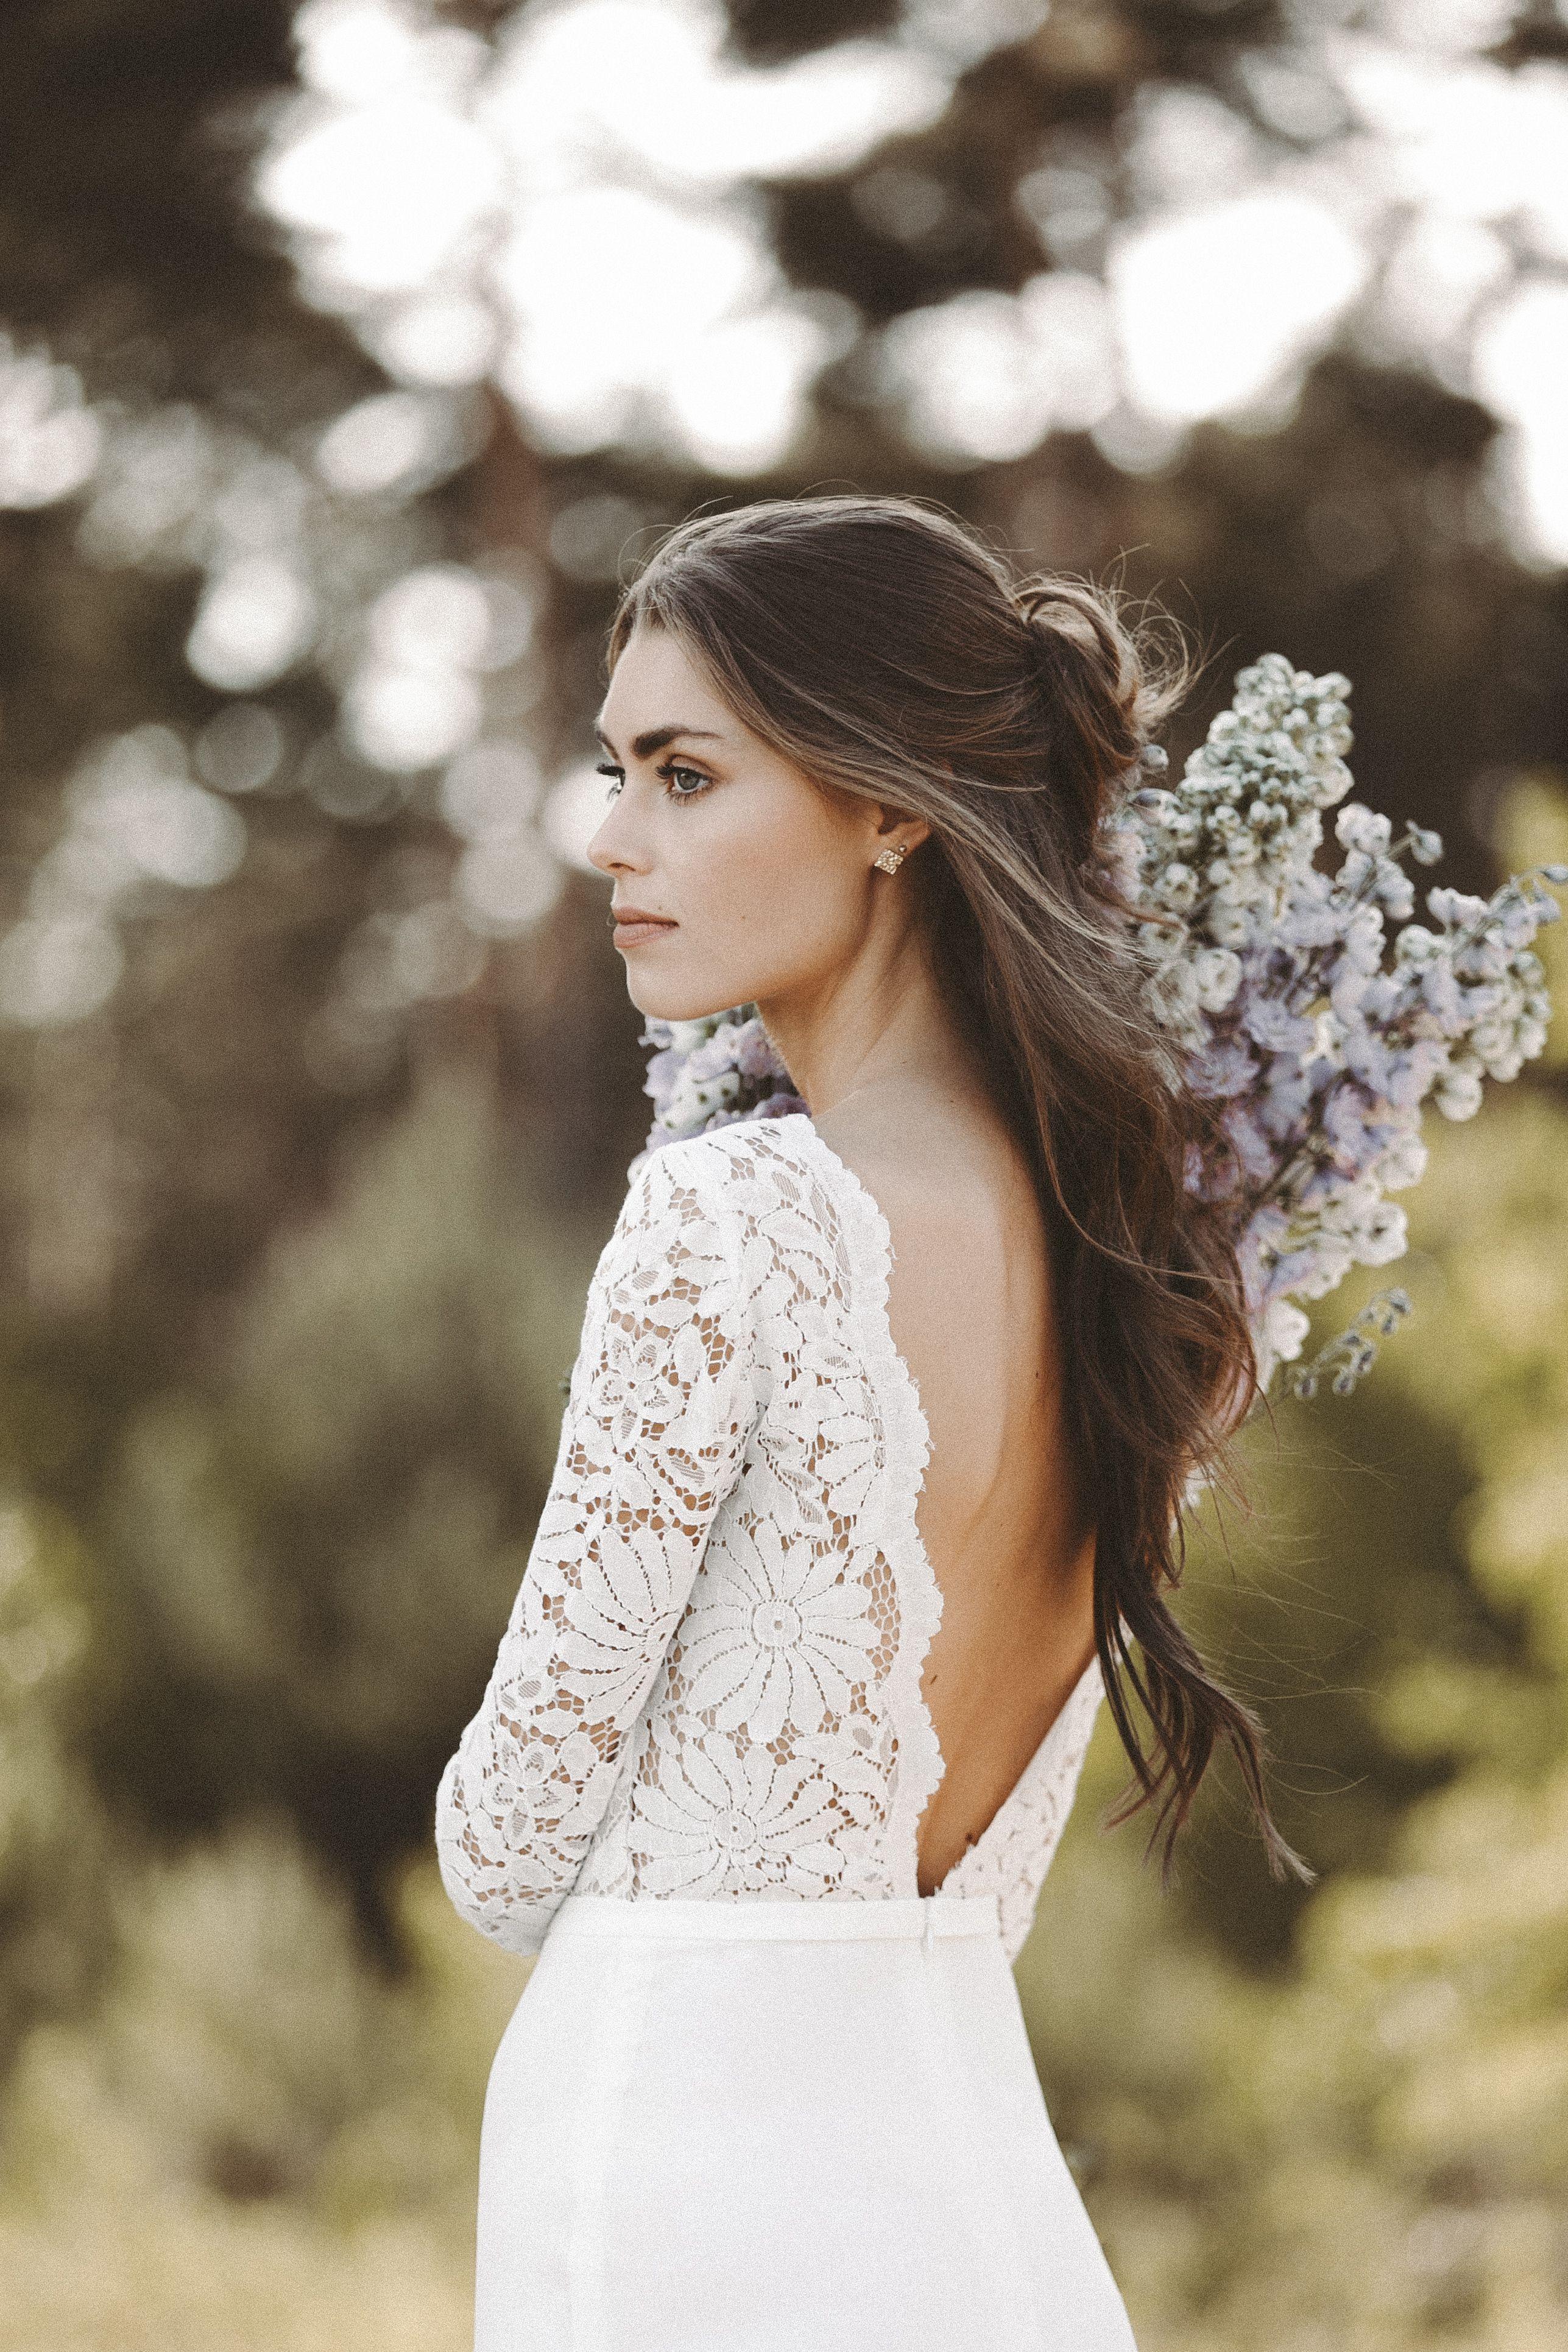 Brautkleid lange Spitzen rmel R ckenausschnitt Boho